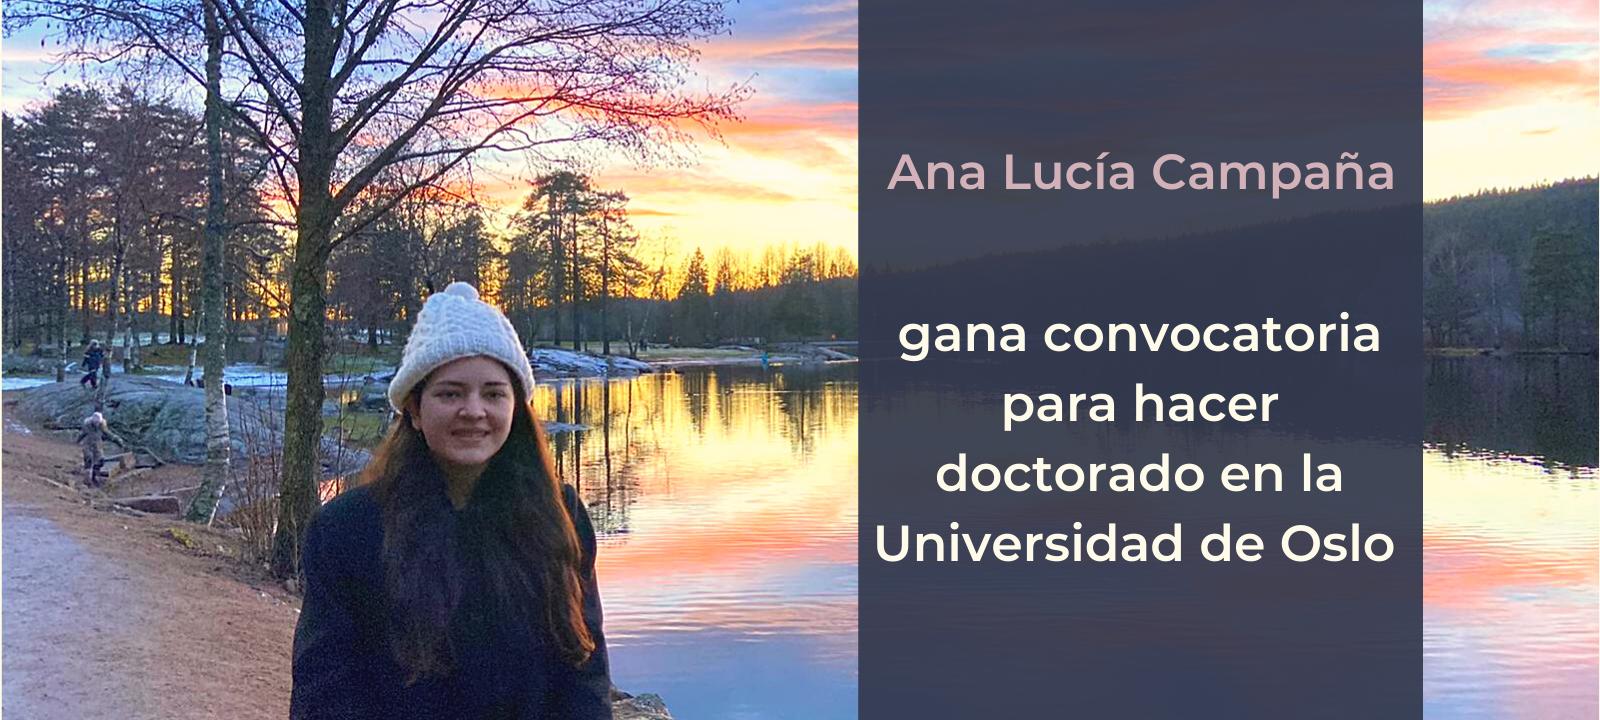 beca doctoral